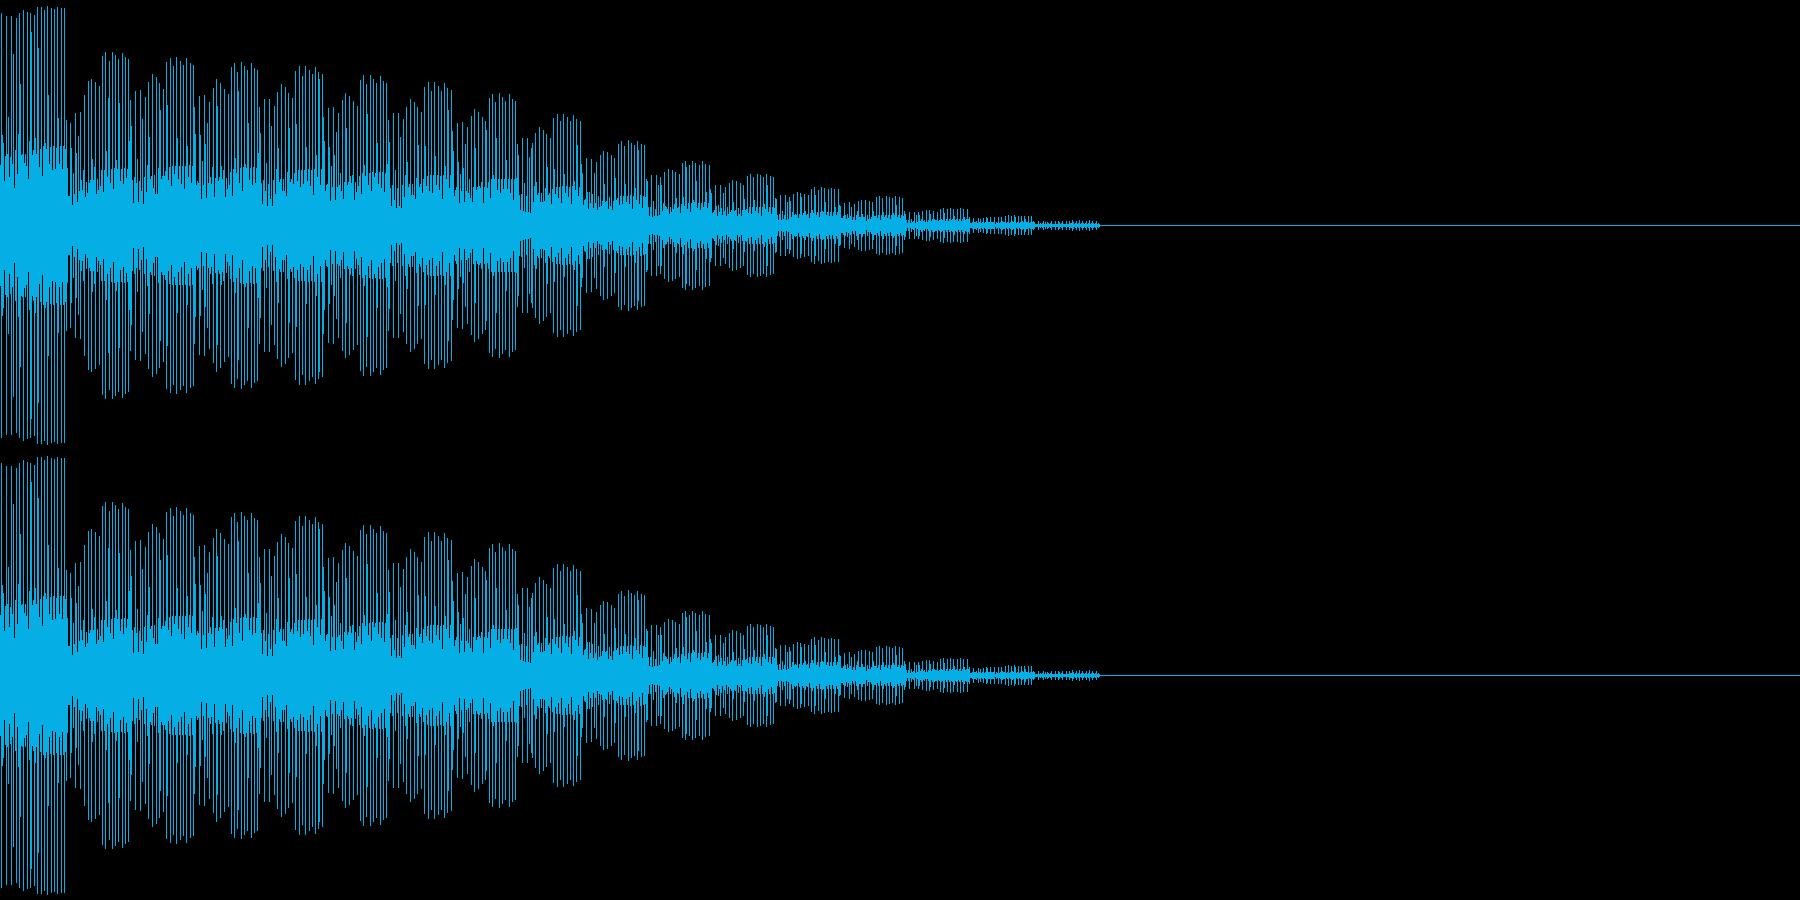 スタート、決定(ピロロ音)の再生済みの波形